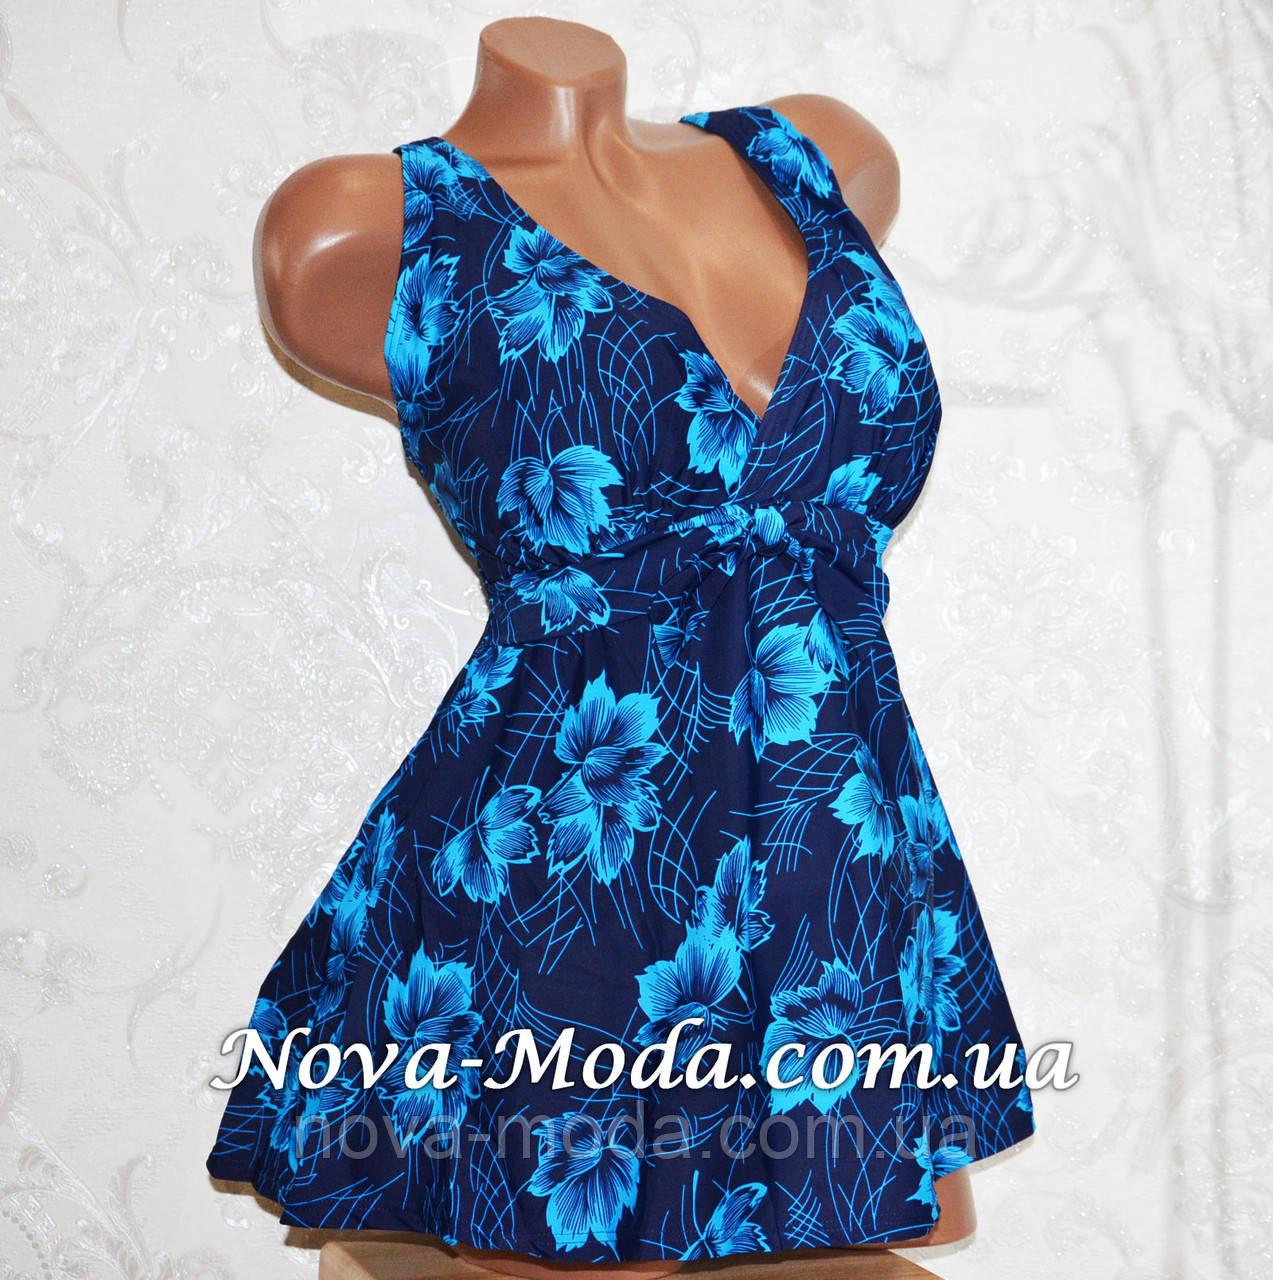 aa9cdb38b53f6 Большие размеры 56, 58, 60, 62,64 Модный синий купальник (платье ...